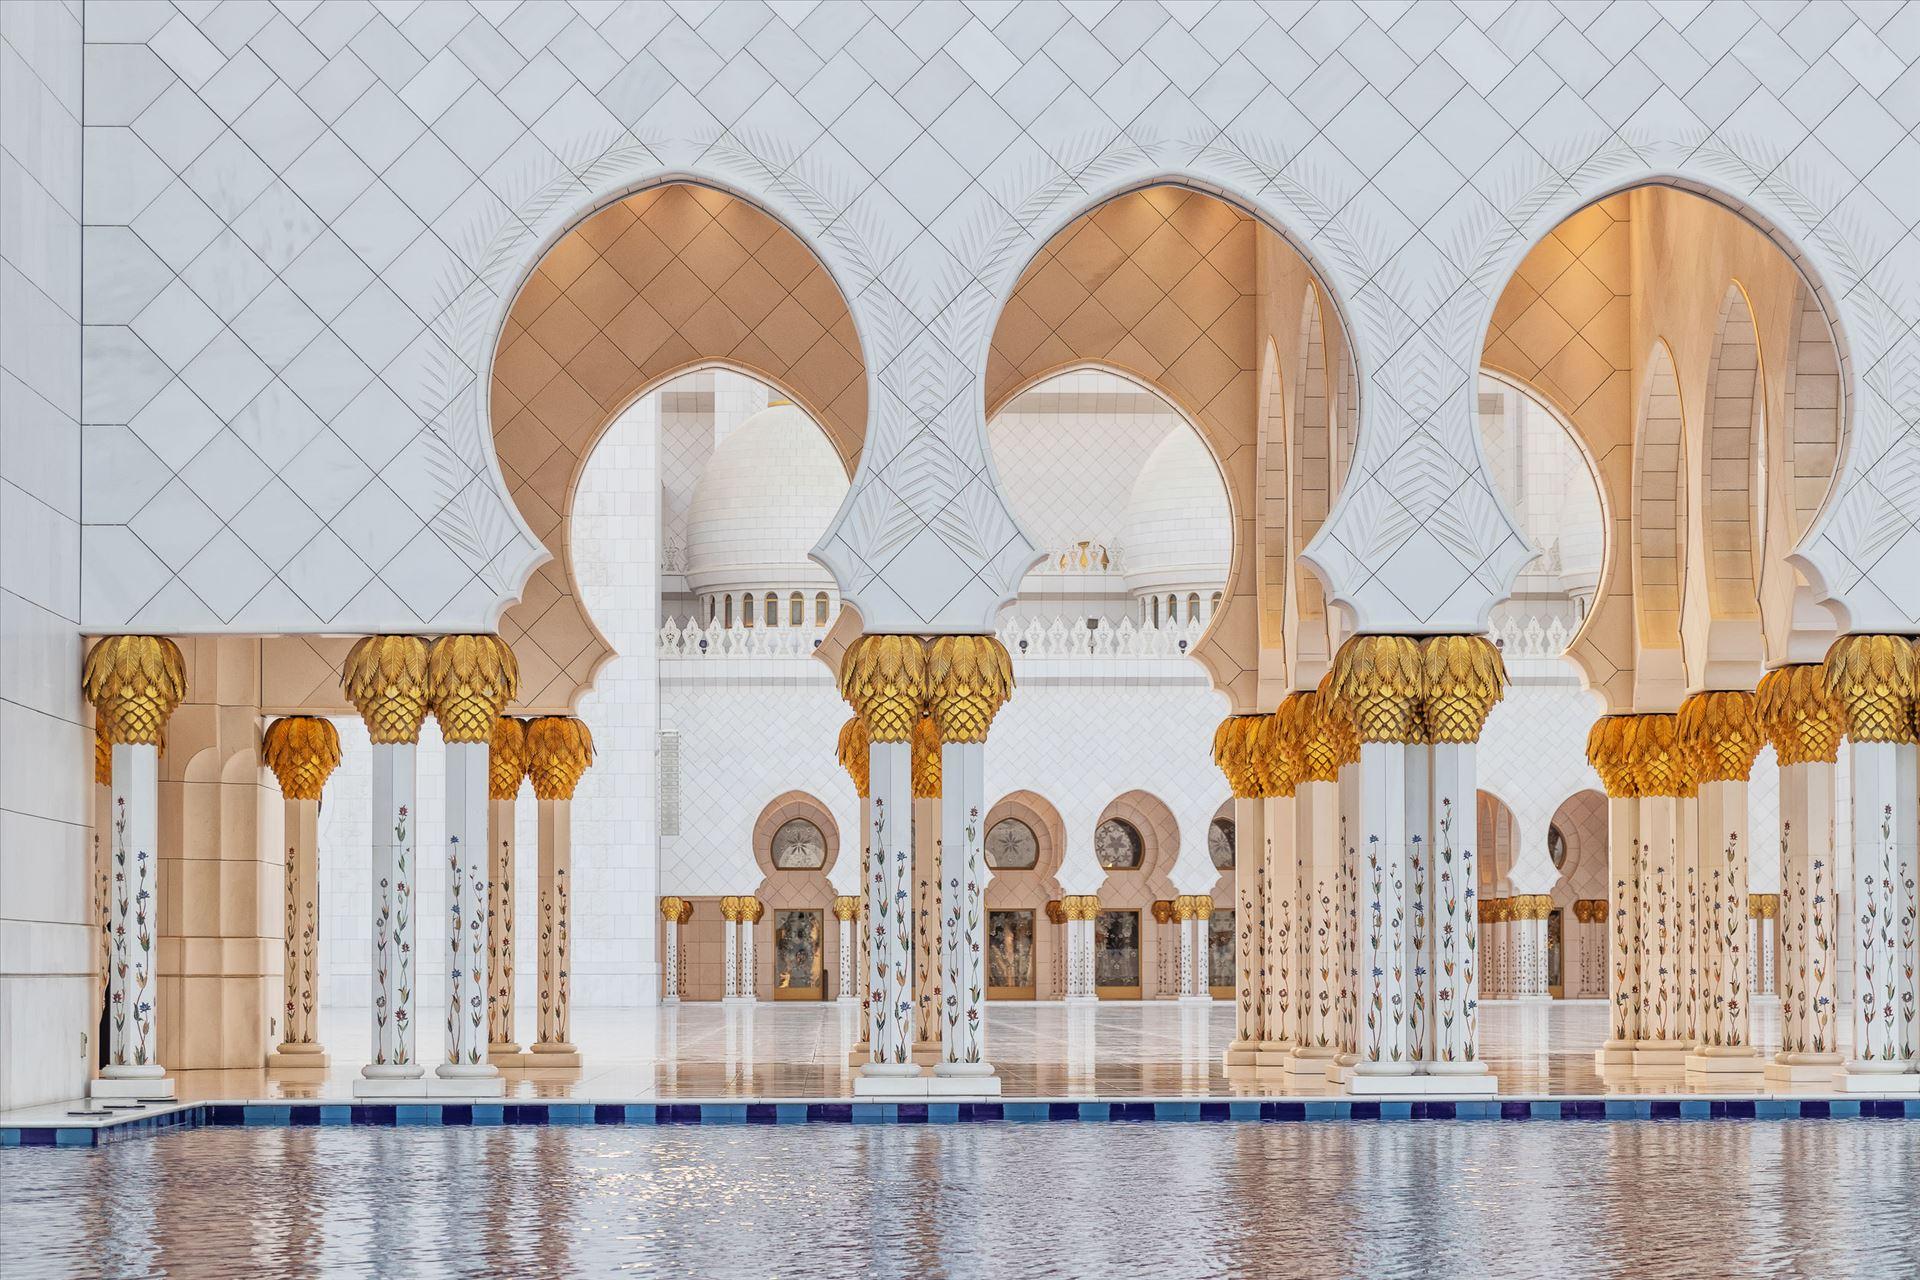 אל עין - הפארק הארכאולוגי - מעיינות חמים - ארמון שייח' זיאד